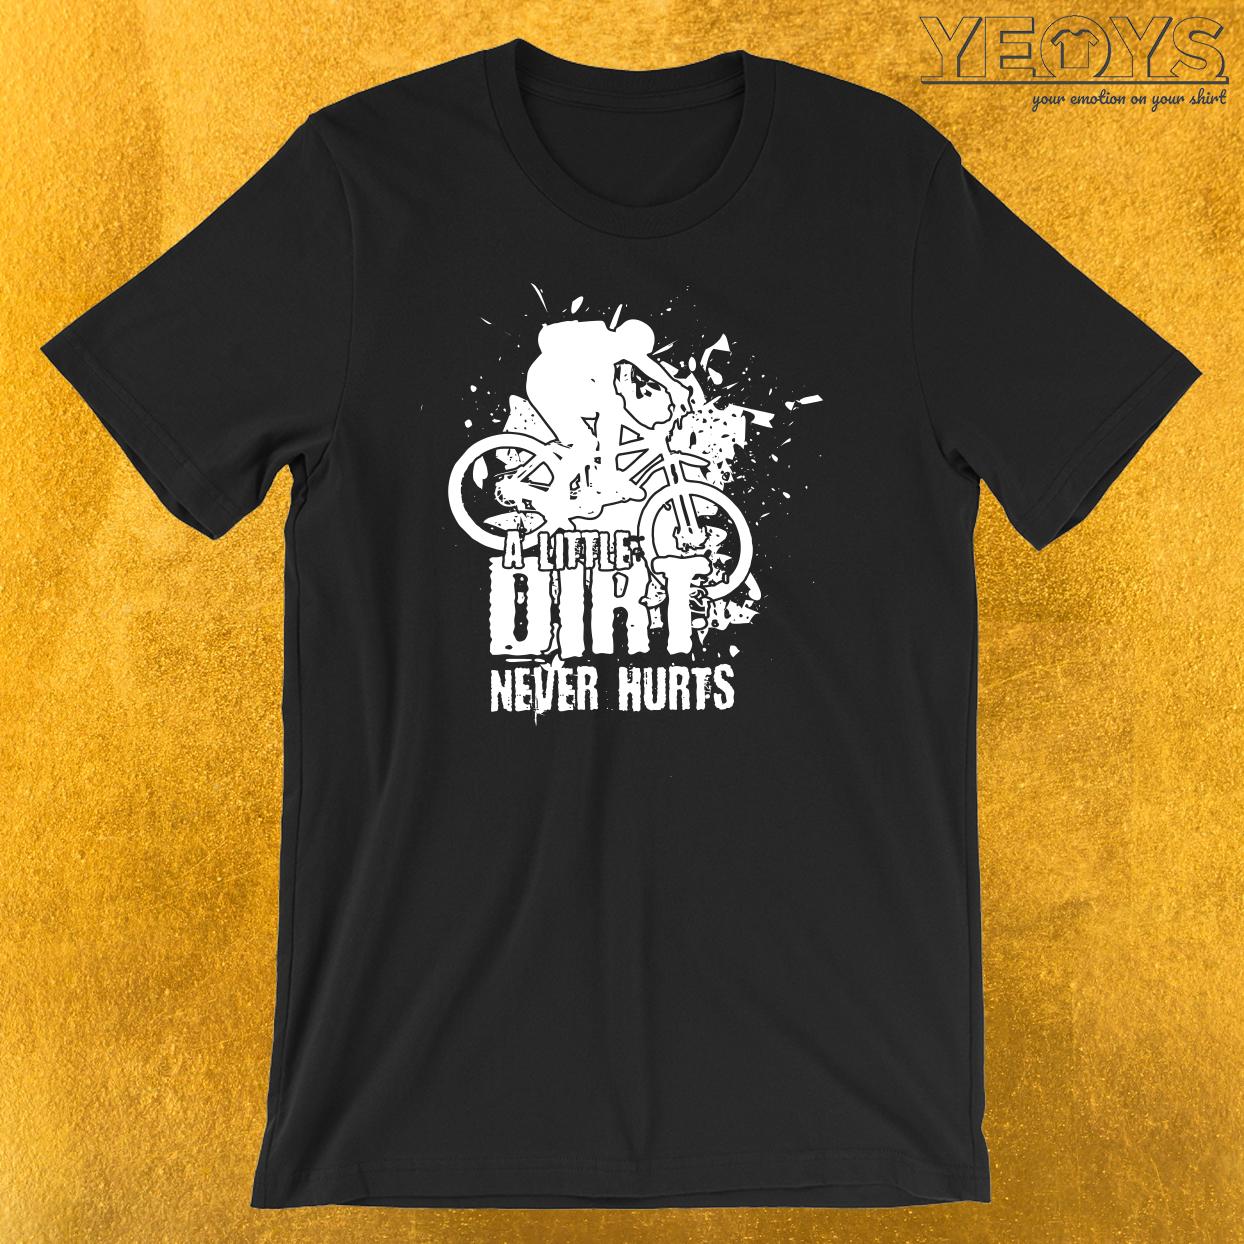 A Little Dirt Never Hurts T-Shirt